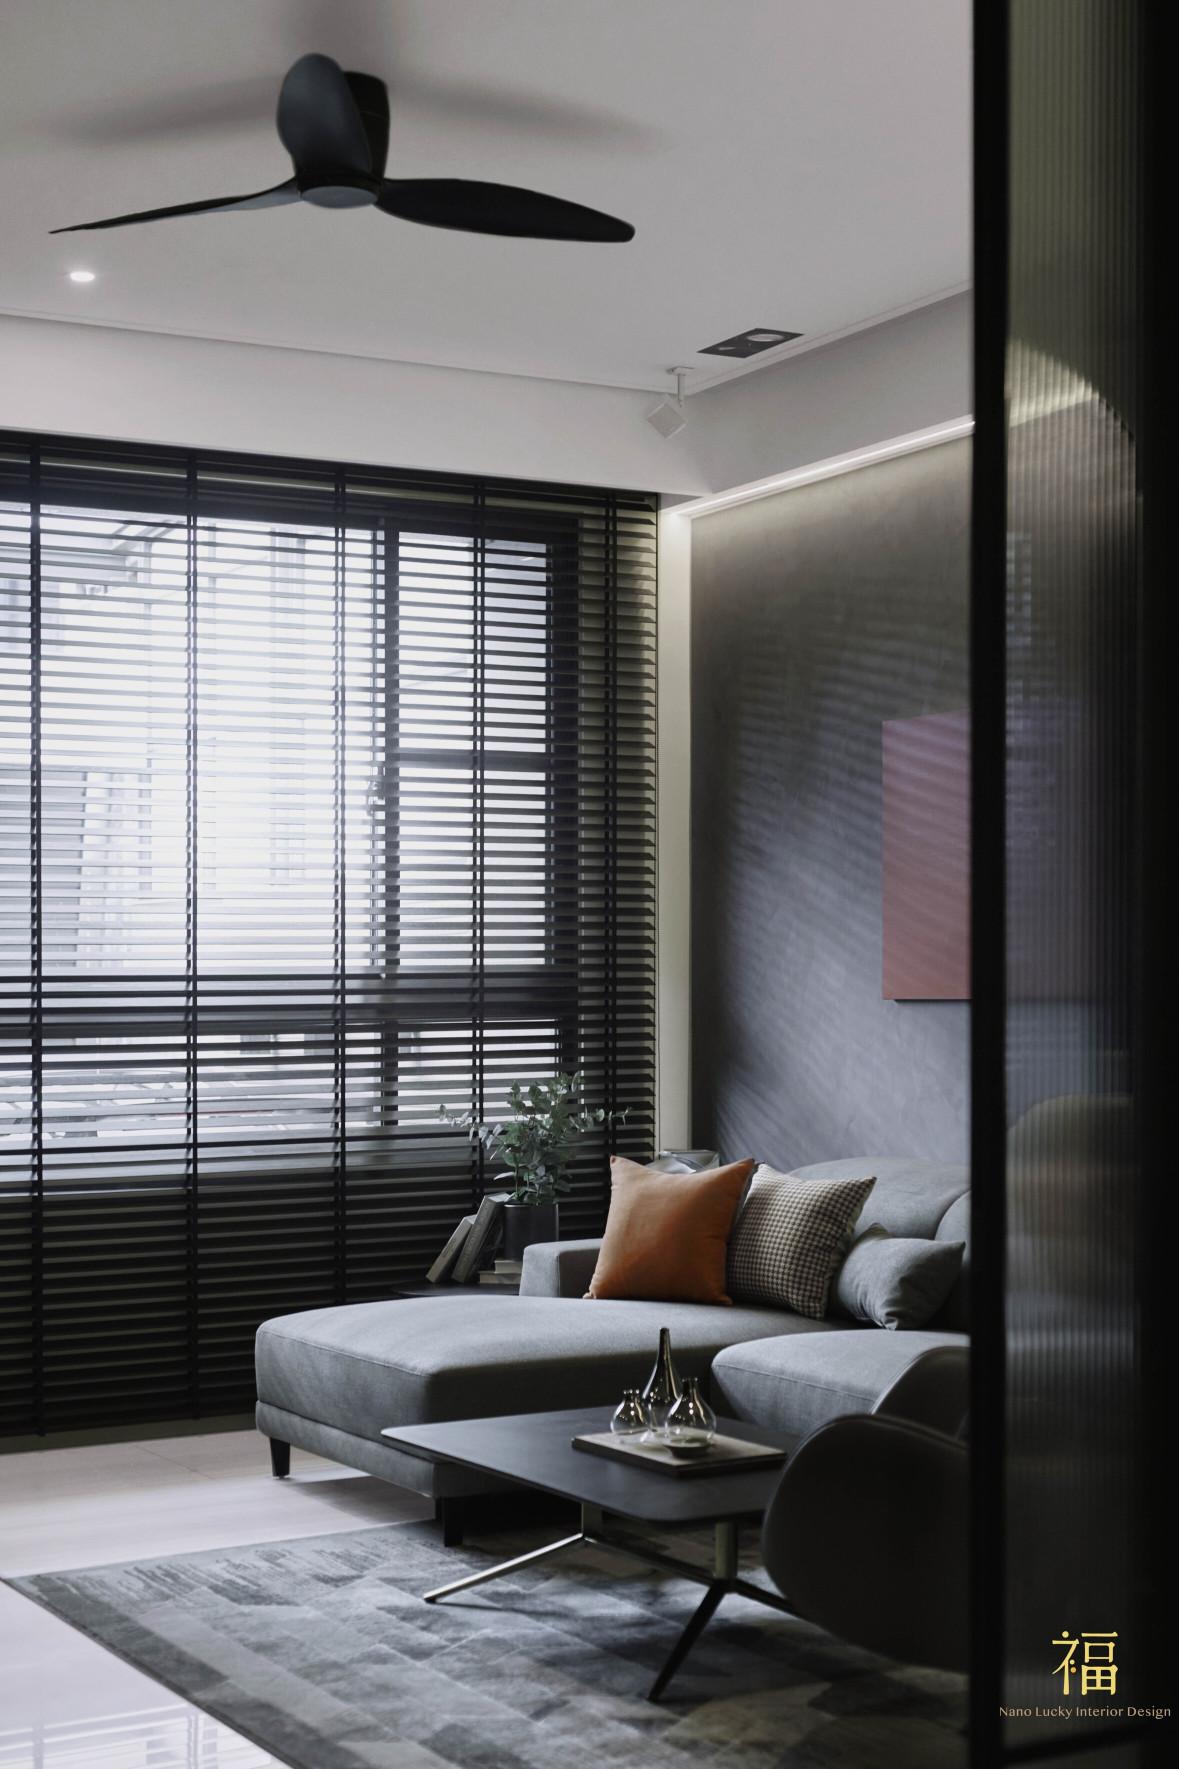 福宅雅居|客廳空間規劃|嘉義住宅空間設計